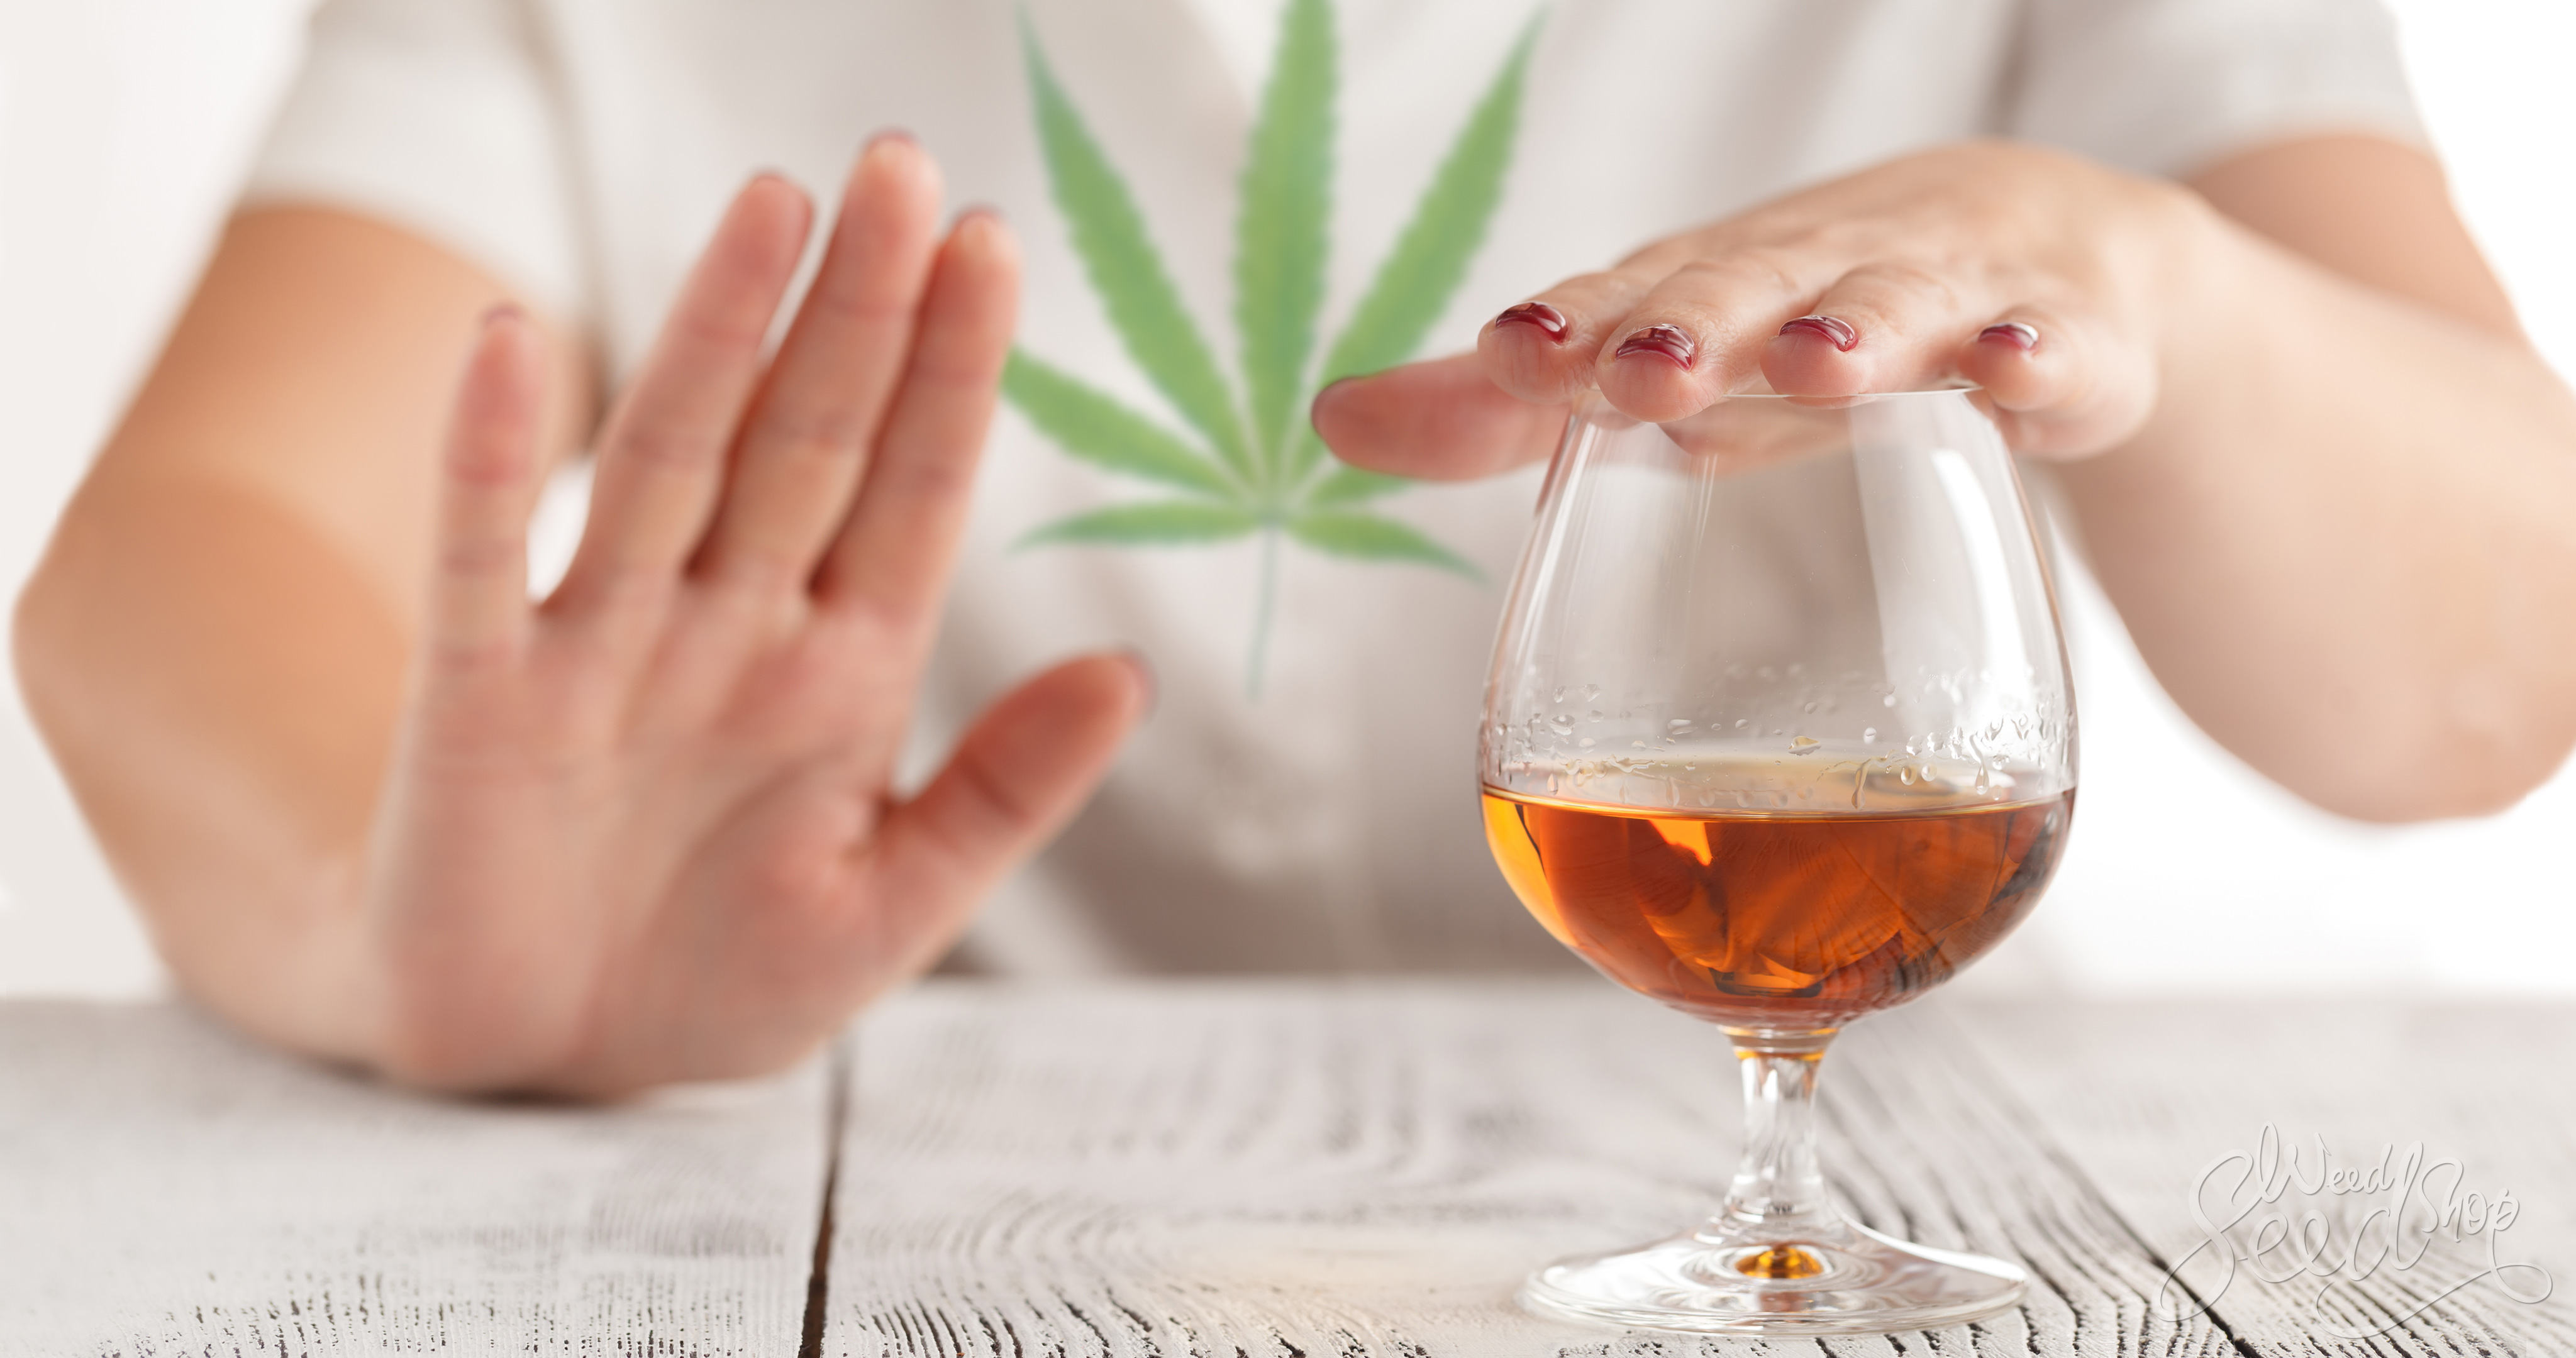 Es ist Freitag Nacht und du musst von einer stressigen Woche etwas runterkommen, was ist da angenehmer als ein Glas Wein mit Arbeitskollegen? Alkohol war und ist tief in der westlichen Kultur integriegt, als Weg zum unter die Leute gehen, feiern und entspannen. Aber der Notstand, der mit diesem geliebten Zeitvertreib einhergeht ist Alkoholismus und Sucht, was ein sehr reales Problem ist. Tatsächlich hat Europa die welt schlechtesten Zahlen, wenn um schlechte Gesundheit und frühzeitiger Tod durch Alkohol geht (das ist sicherlich nichts zu feiern). Es ist also kein Wunder, dass viele Menschen Alkohol mit Marihuana substituieren oder sich damit rehabilitieren. Aber ist eine Marihuana Behandlung wirklich ein Schritt in die richtige Richtung? Führt das Austauschen der Rauschmittel zu nichts oder wird durch die geringen Nebeneffekte von Marihuana das Problem mitigiert? Es gibt so viele Fragen die beantwortet müssen, wenn es darum geht, ob Marihuana eine Rolle bei der Rehabilitation von Alkoholismus spielen kann. Die Alkoholkrankheit kann jemandes Leben umbarmherzig zerstören, angefangen mit menschlichen Beziehungen bis zur physischen Gesundheit. Während konventionelle Methoden wie die Rehabilitation wirken, zeigen sie nur bei etwa 30% der Fälle Langzeiteffekte. Wenn wir uns die Statistiken anschauen, wird klar, dass das Suchen nach einer Möglichkeit, die Wunden der Alkoholkrankheit durch Cannabis zu heilen, es wert ist. Lass uns die Suche nach Marihuanas Potential als möglichen Lebensretter für Alkoholiker beginnen. Was sagen die Studien? Es ist extrem schwer sich selbst als Alkoholiker zu diagnostizieren, weil es so ein akzeptierter Teil unserer Kultur ist. Die meisten Menschen wissen nicht mal, dass sie überhaupt ein Trinkproblem haben, bis es viel zu spat ist, was es wahrscheinlich zu einem so guten Herausforderer macht, wenn es um Genesung geht. Dennoch, die Forschung hat ein paar sehr wichtige Entdeckungen gemacht bei dem Thema, wie Süchtige (vor allem Alkoholiker) a